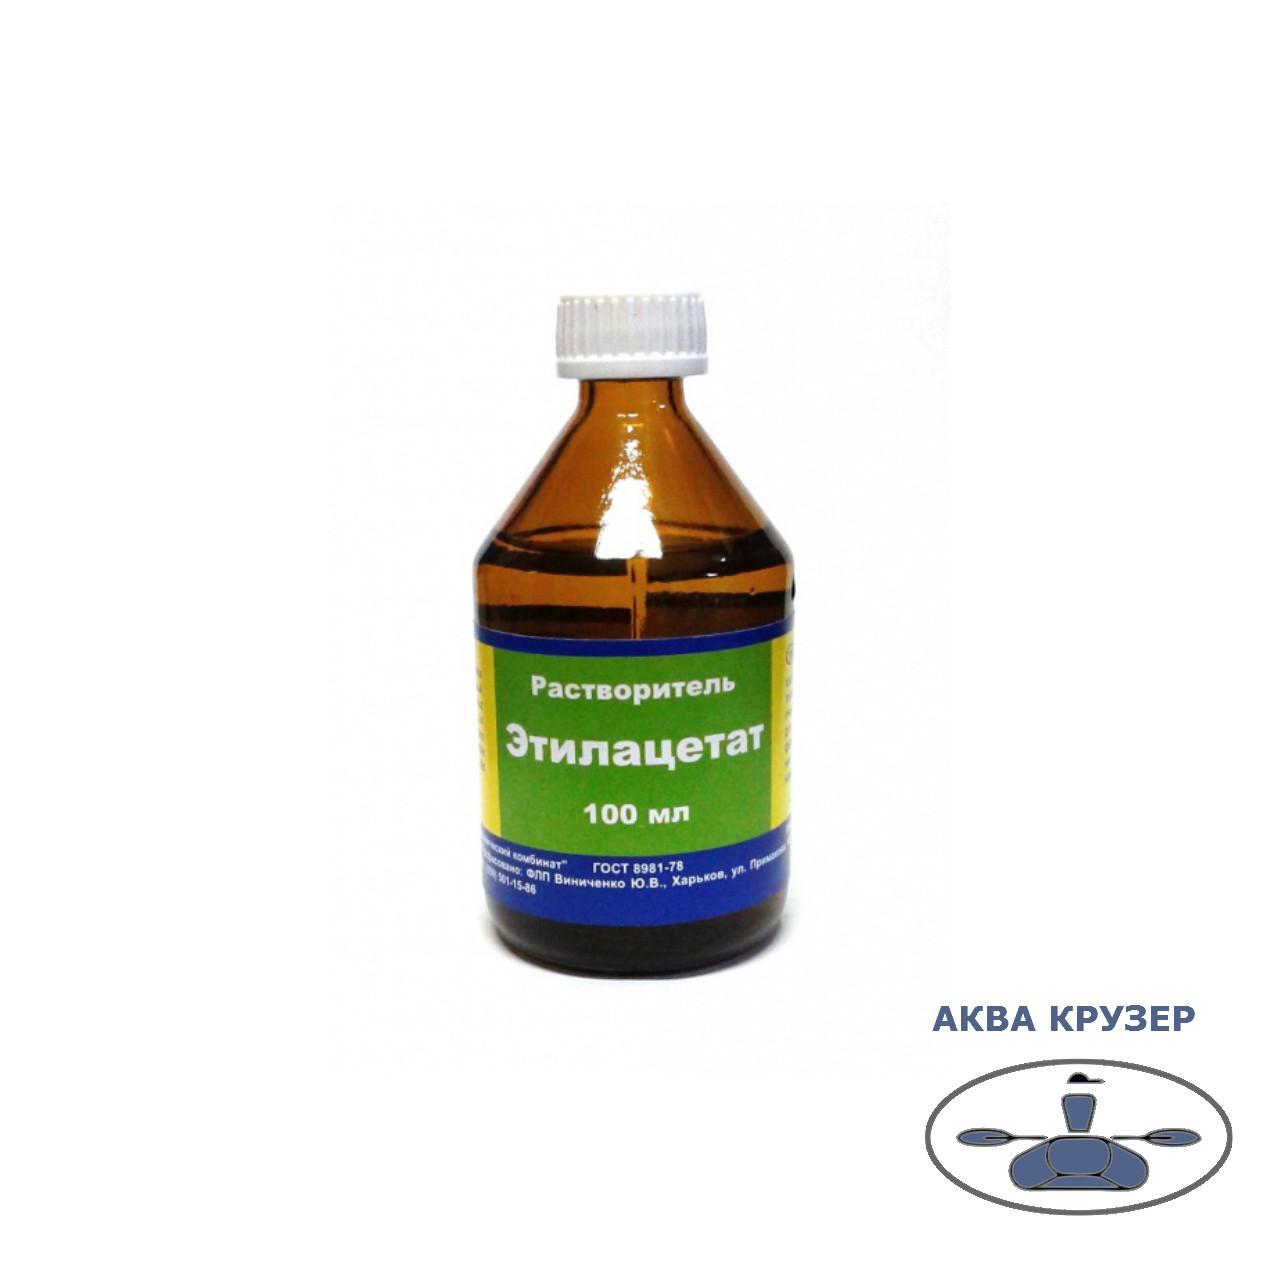 Этилацетат, 100 мл - Профессиональный растворитель